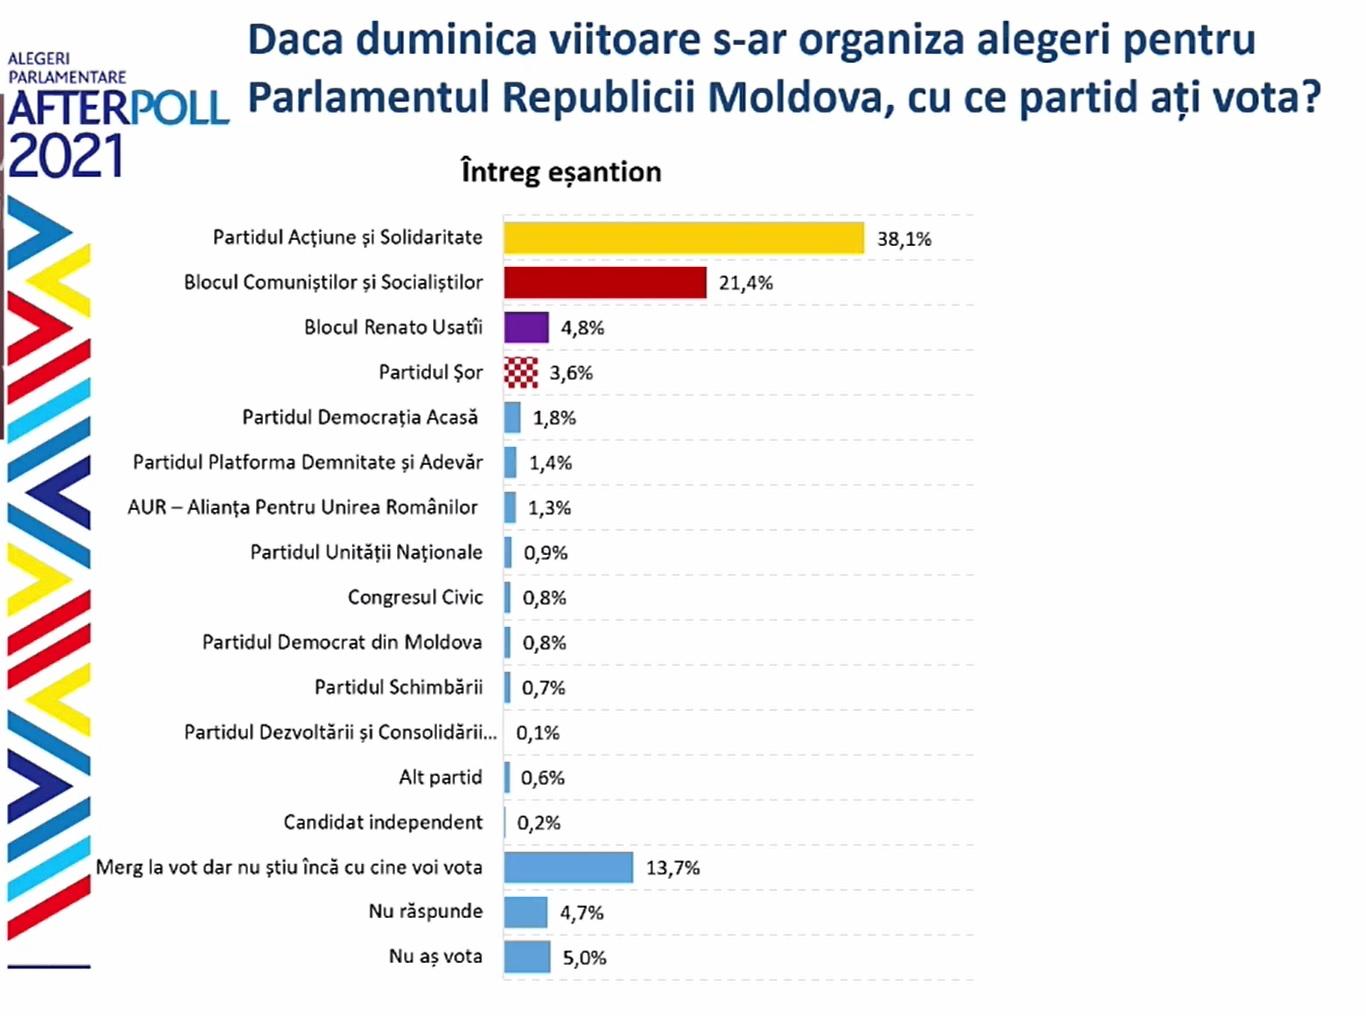 Sondaj: Două partide ar accede în parlament dacă duminica viitoare ar avea loc alegeri parlamentare anticipate